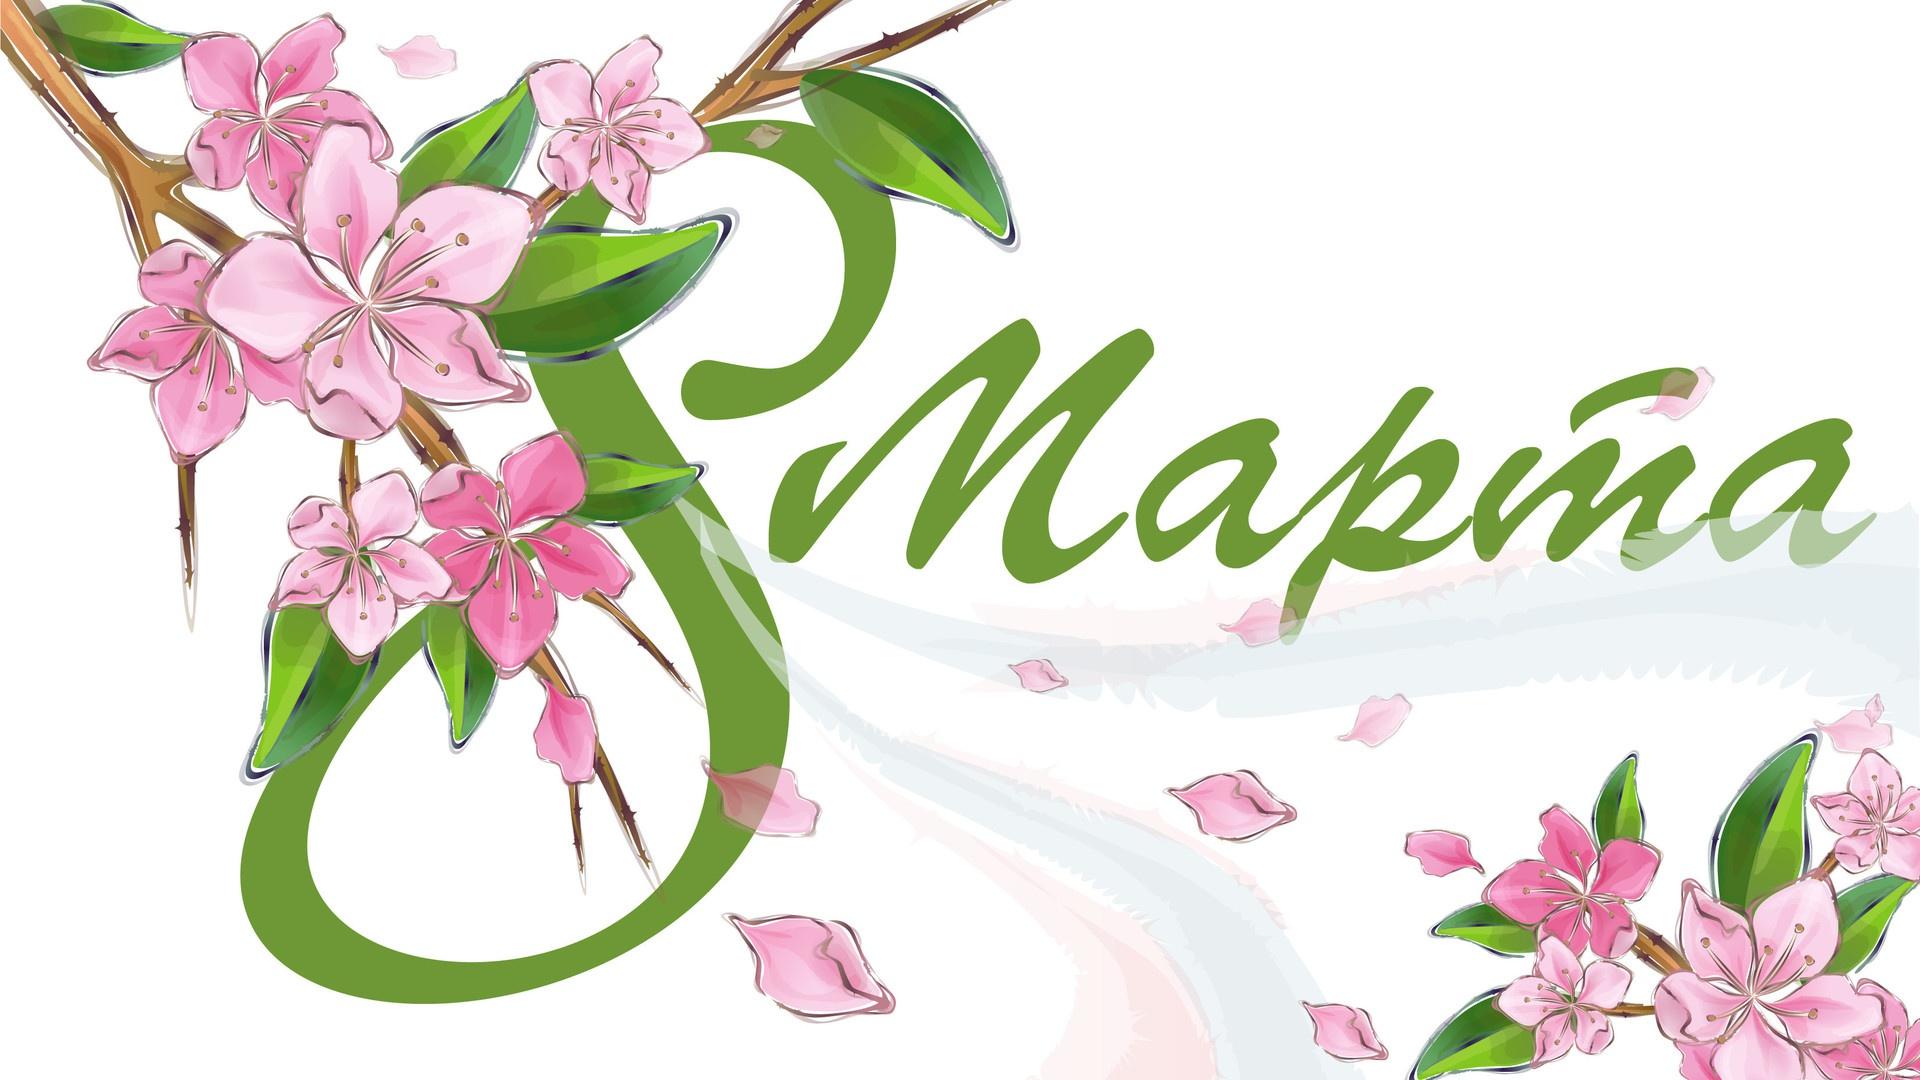 картинки с надписью с праздником 8 марта этого